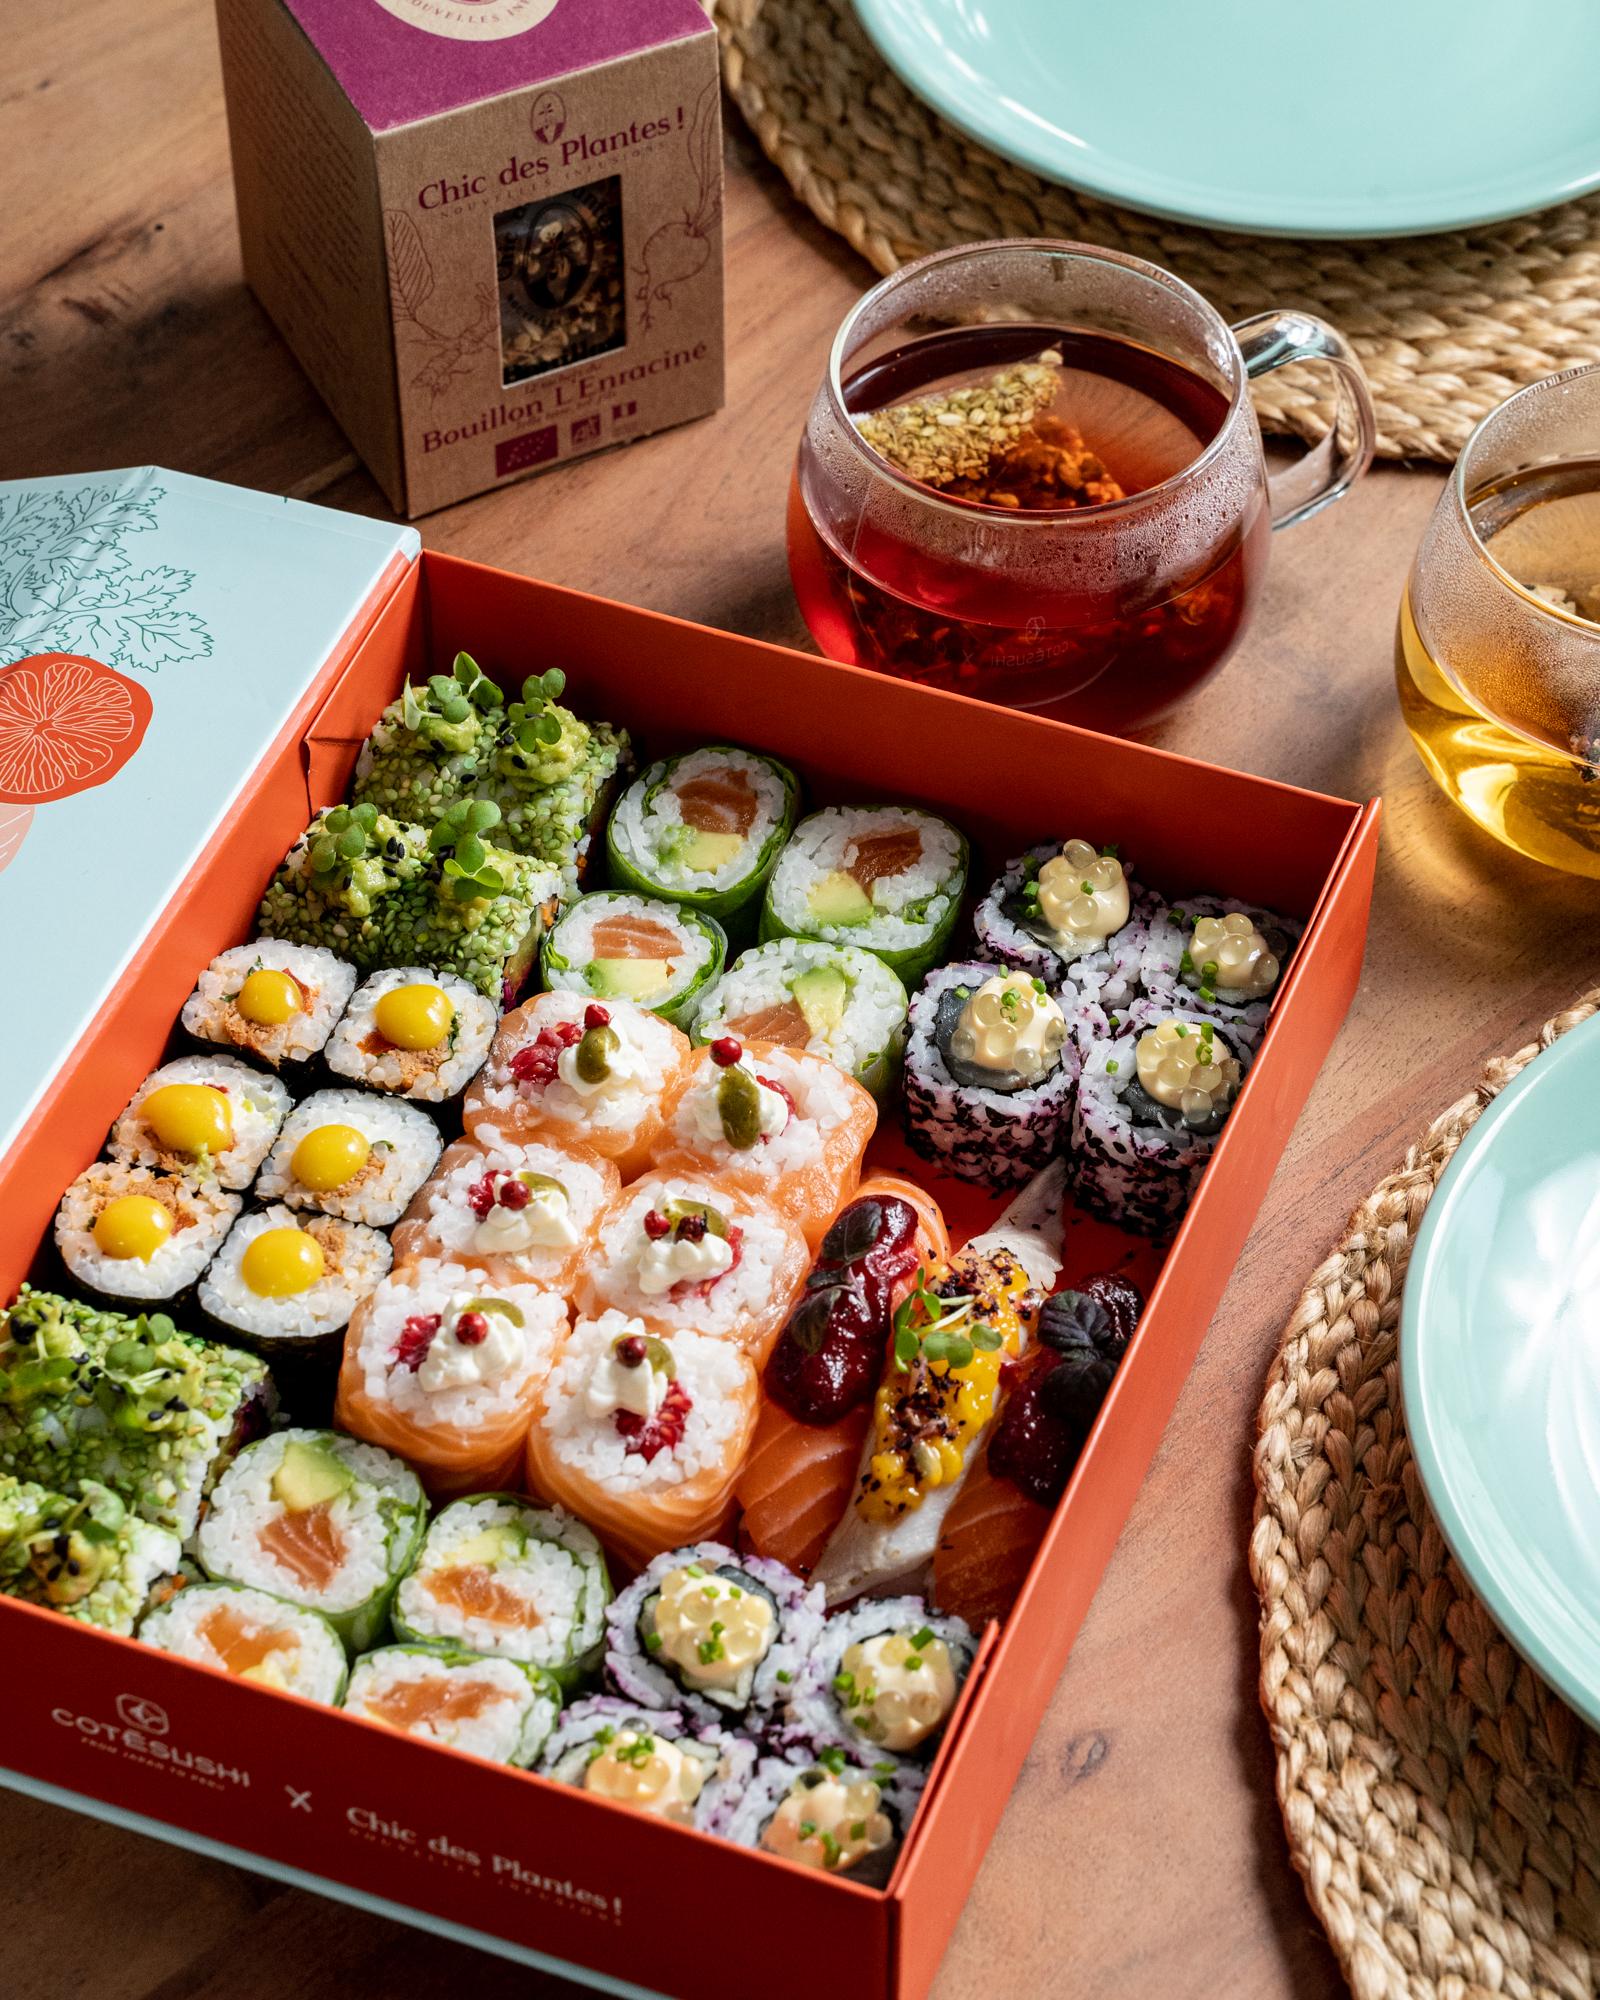 Cote Sushi 012021 Simon 7 - Quand l'exotisme de la cuisine nikkei rencontre l'univers végétal et fruité de Chic des Plantes !